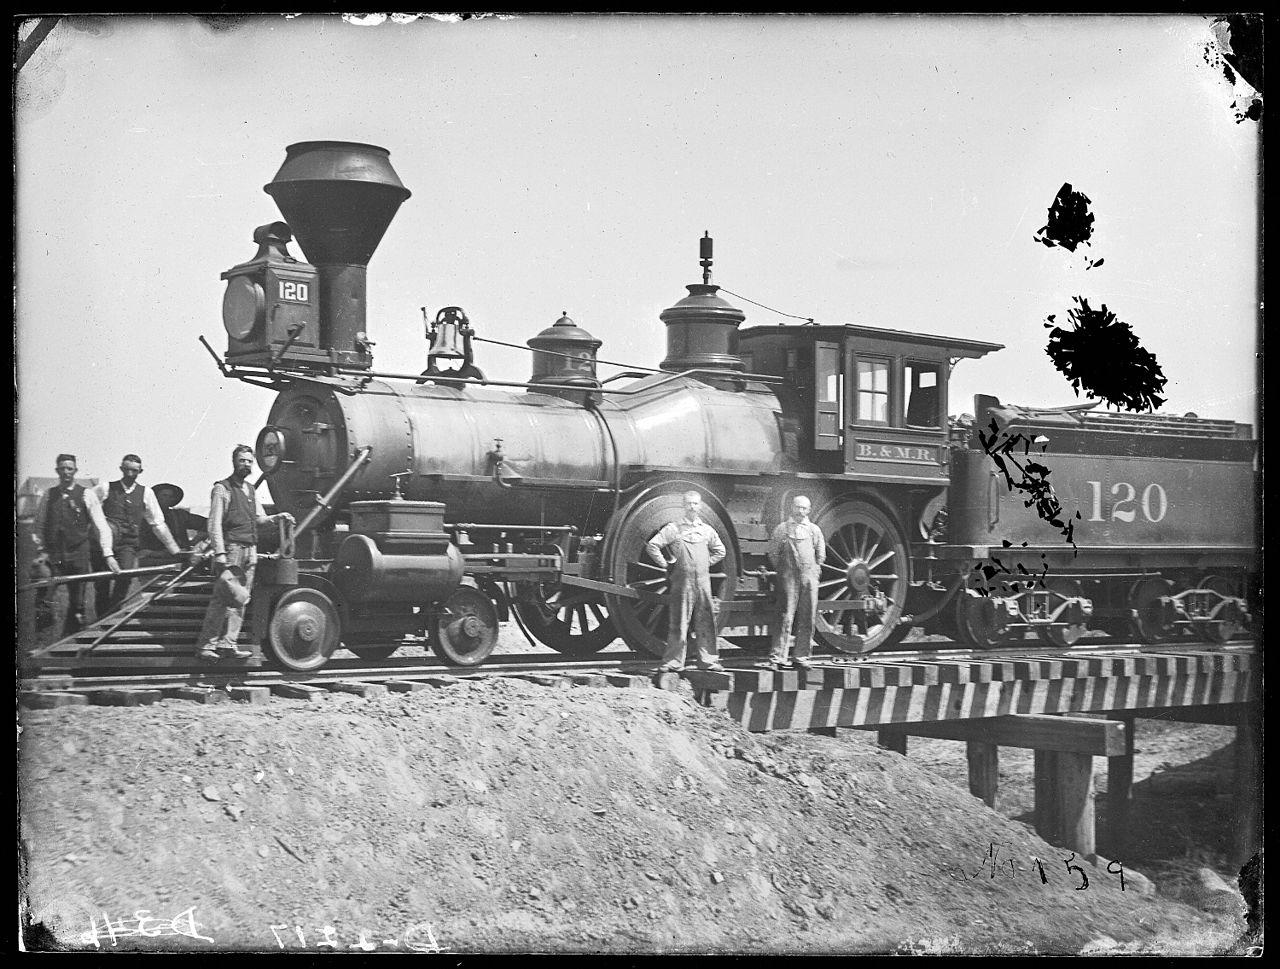 Broken Bow (NE) United States  city images : Original file  3,000 × 2,271 pixels, file size: 2.32 MB, MIME ...